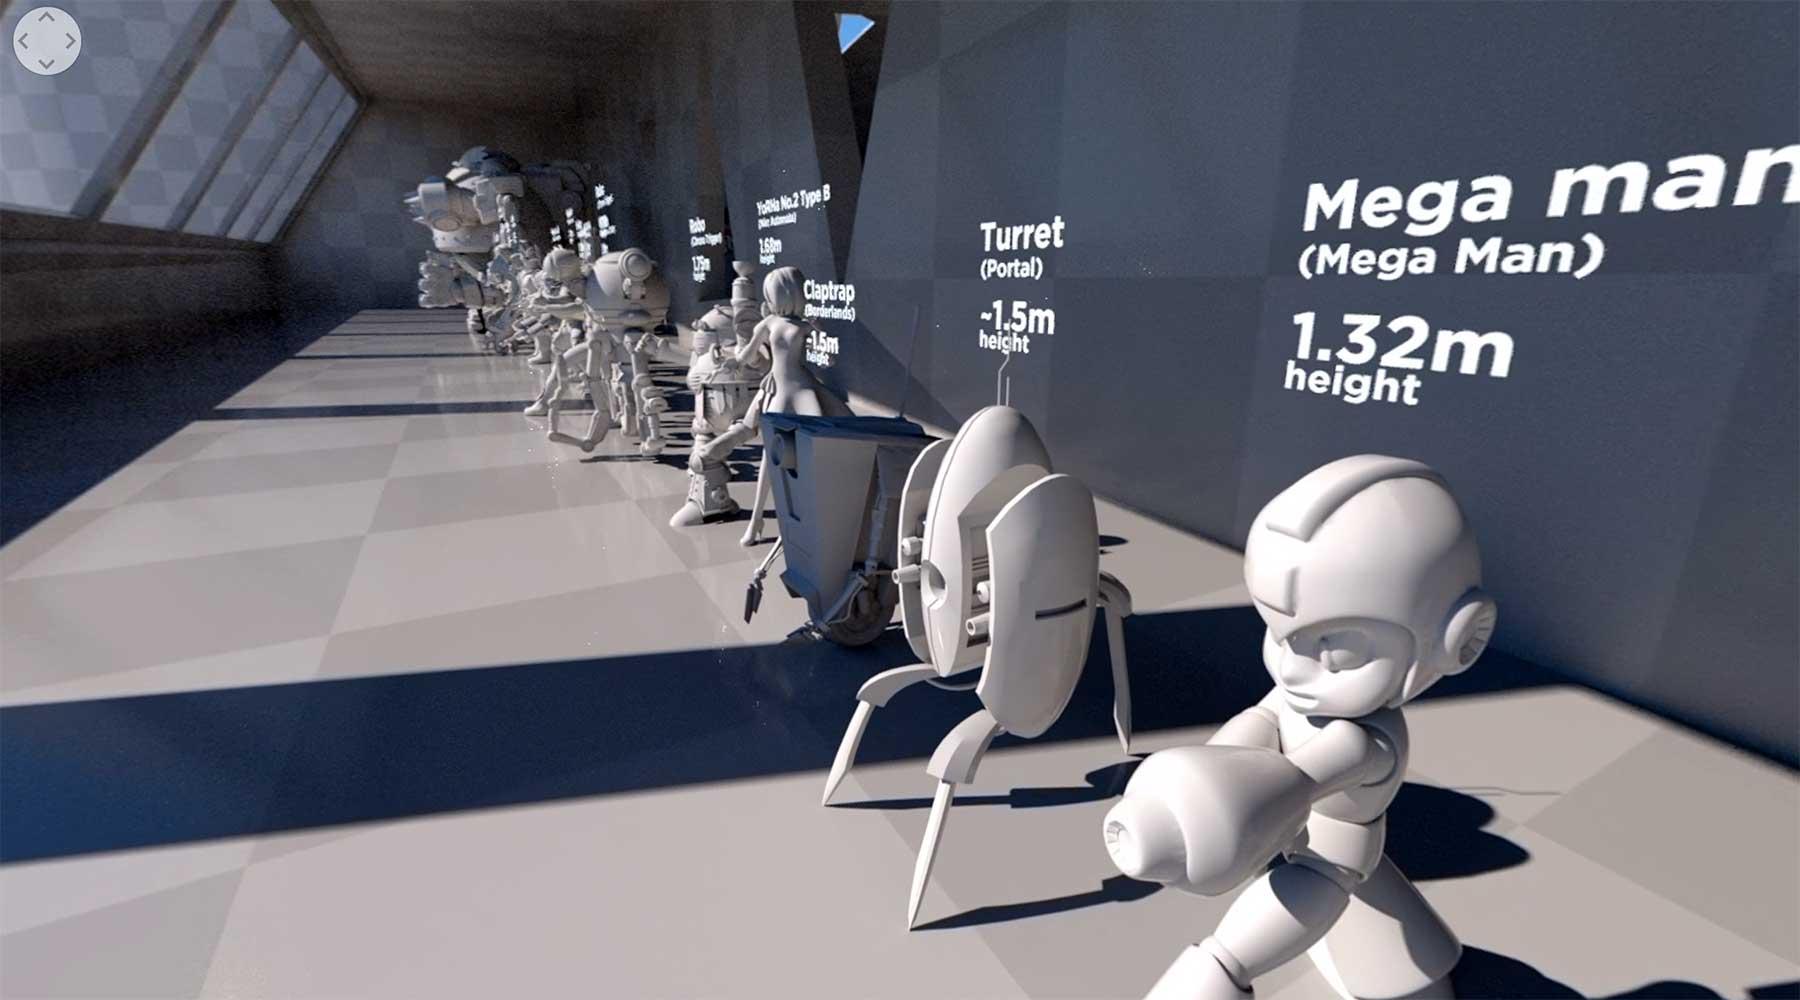 Videospielroboter nach Größe sortiert